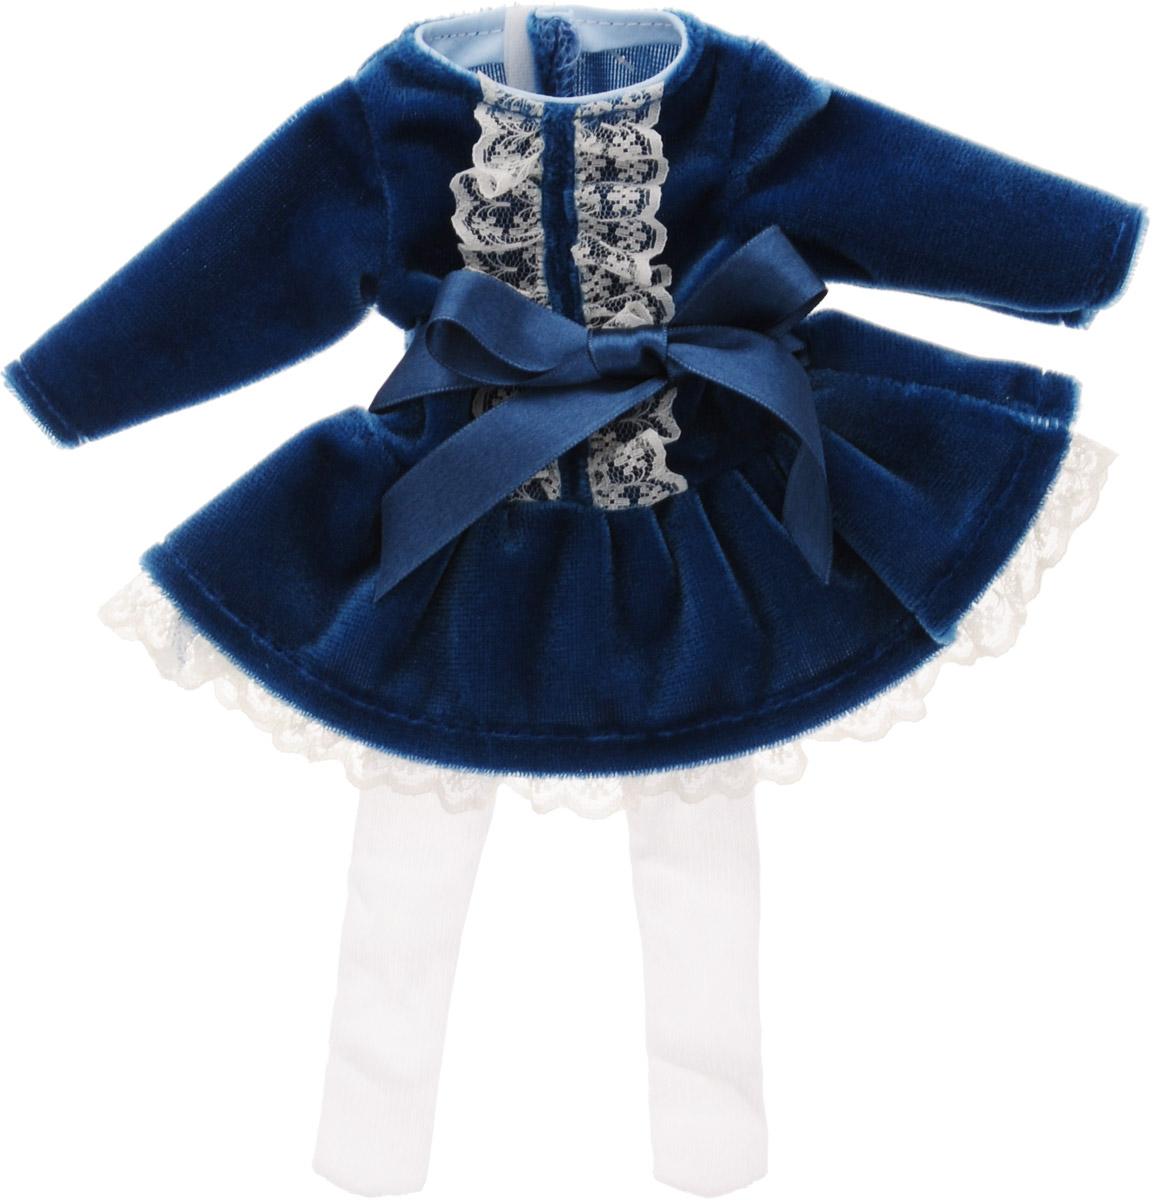 Vestida de Azul Комплект одежды для куклы Паулины Весна Санкт-Петербург vestida de azul кукла карлотта лето морской стиль